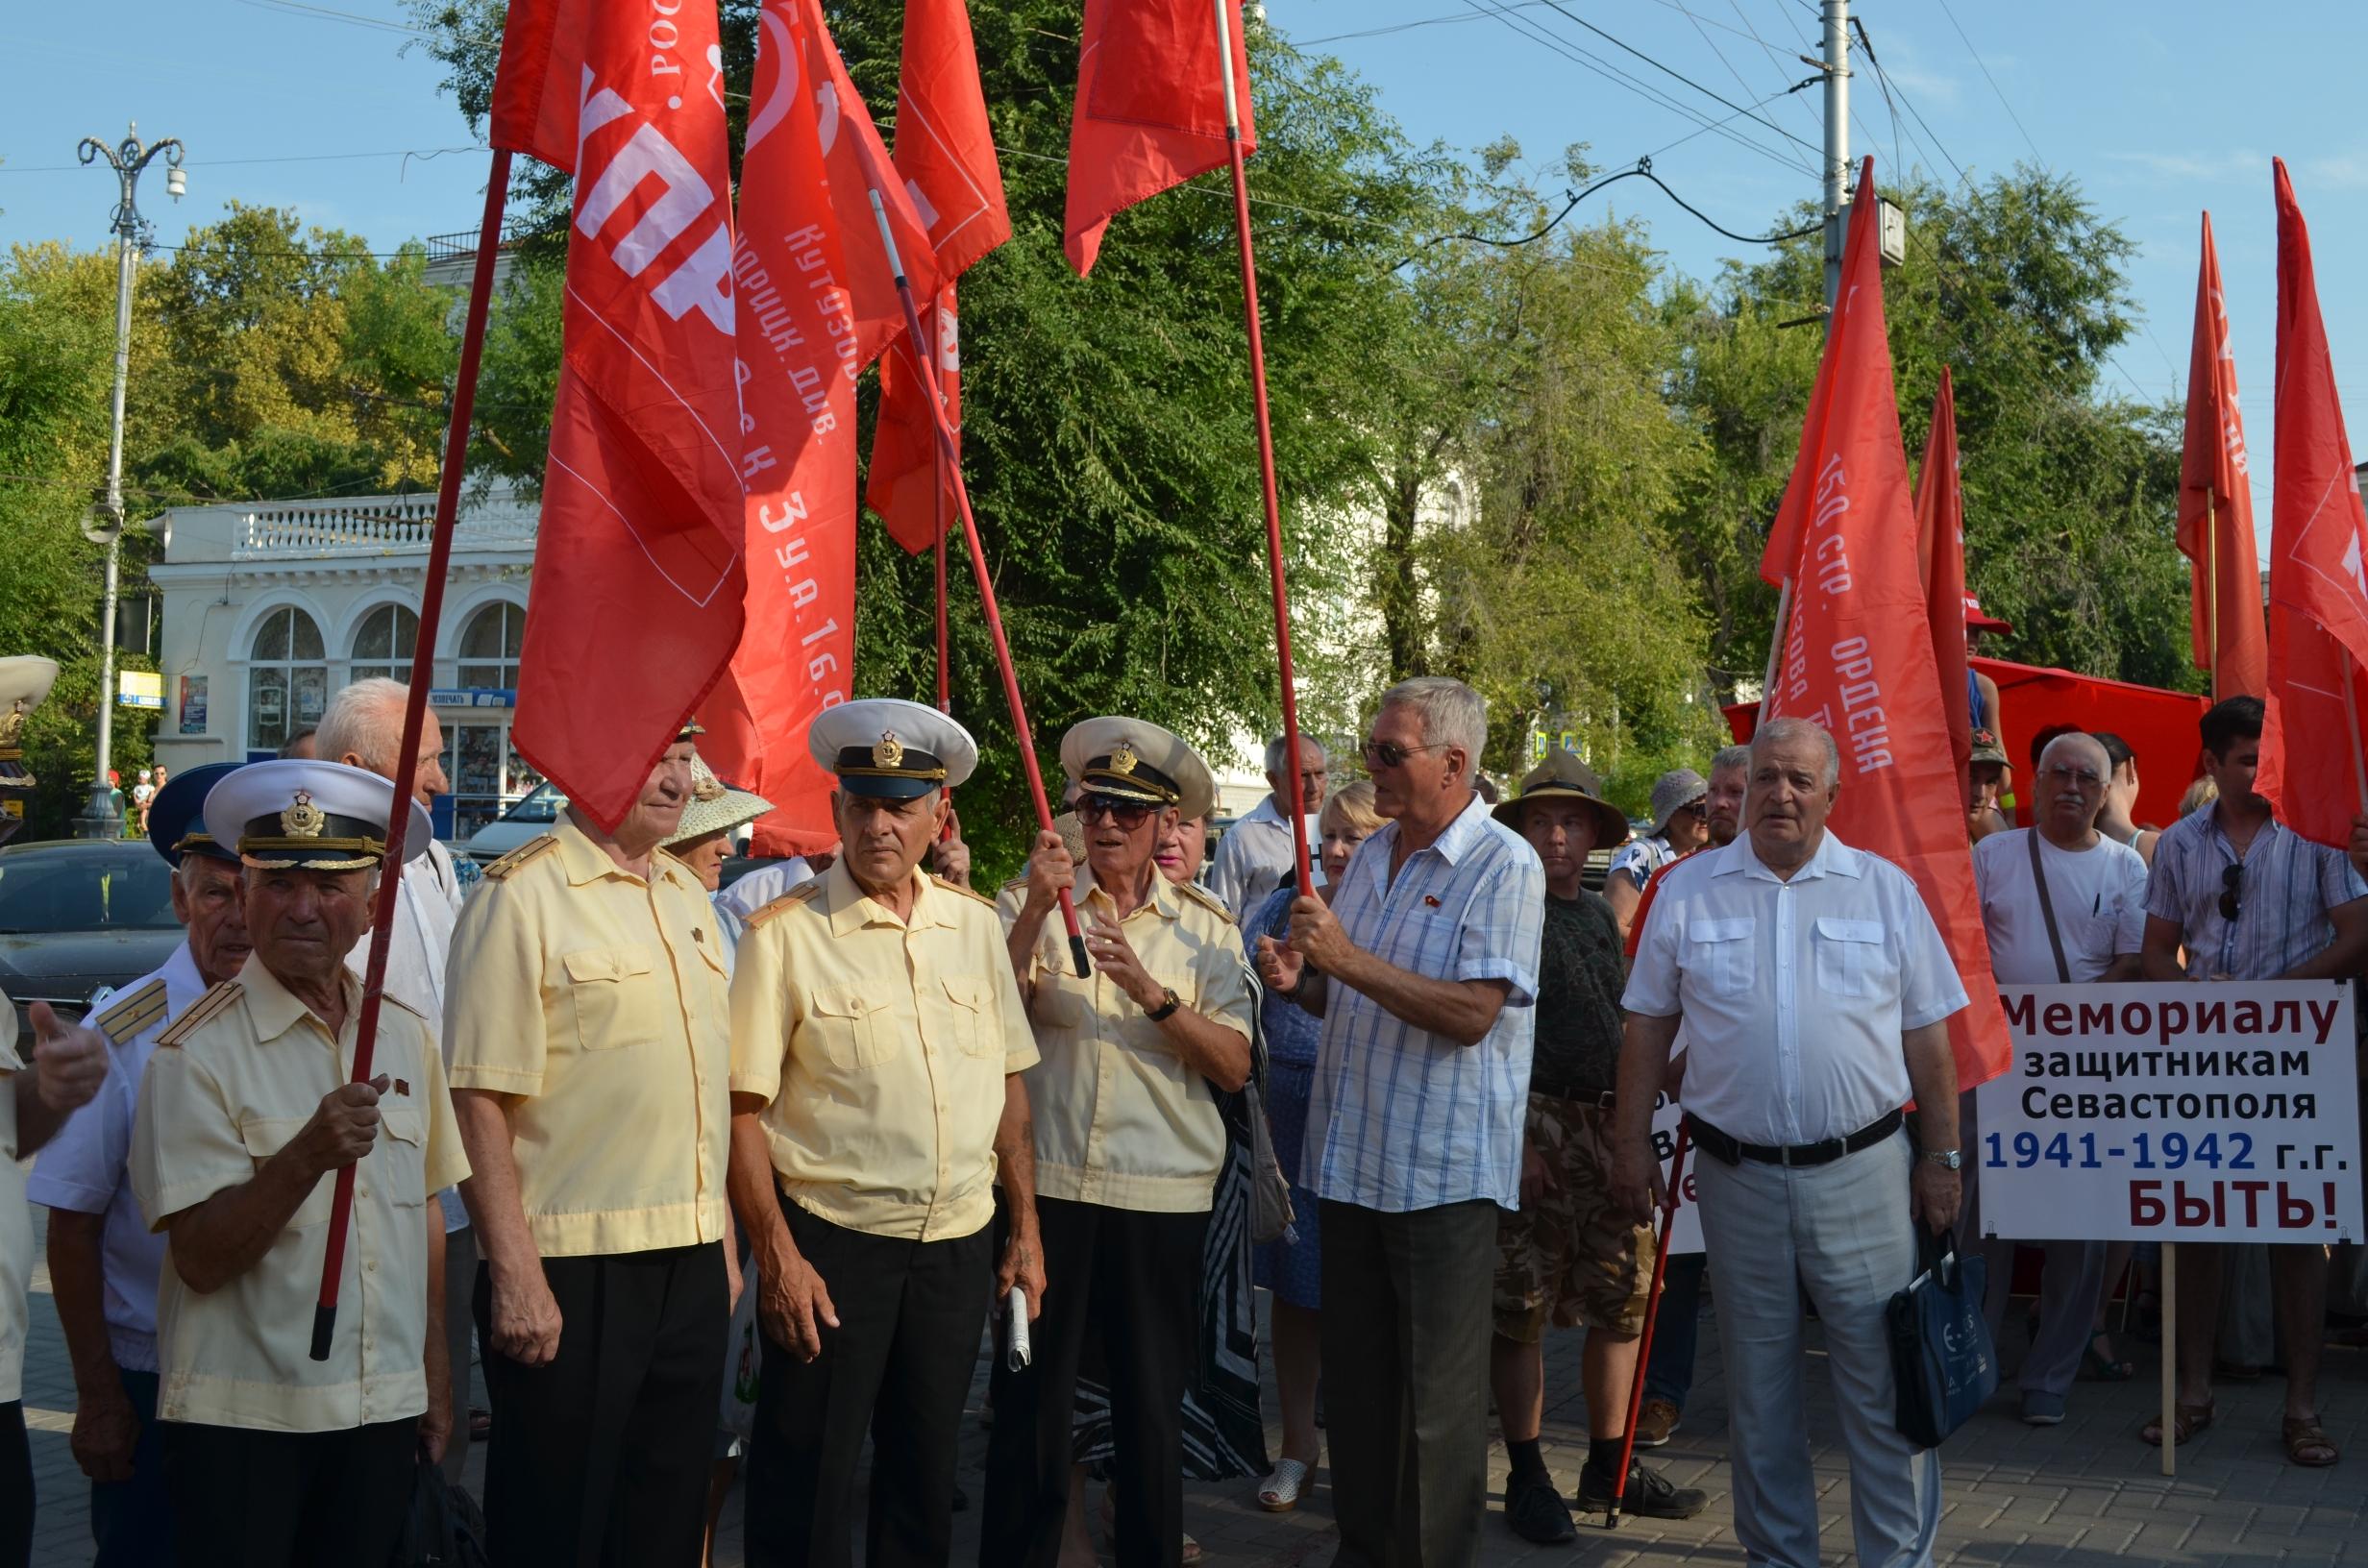 20170804-Антисоветизм в Севастополе не пройдёт- севастопольцы вышли на митинг против памятника примирению-pic3